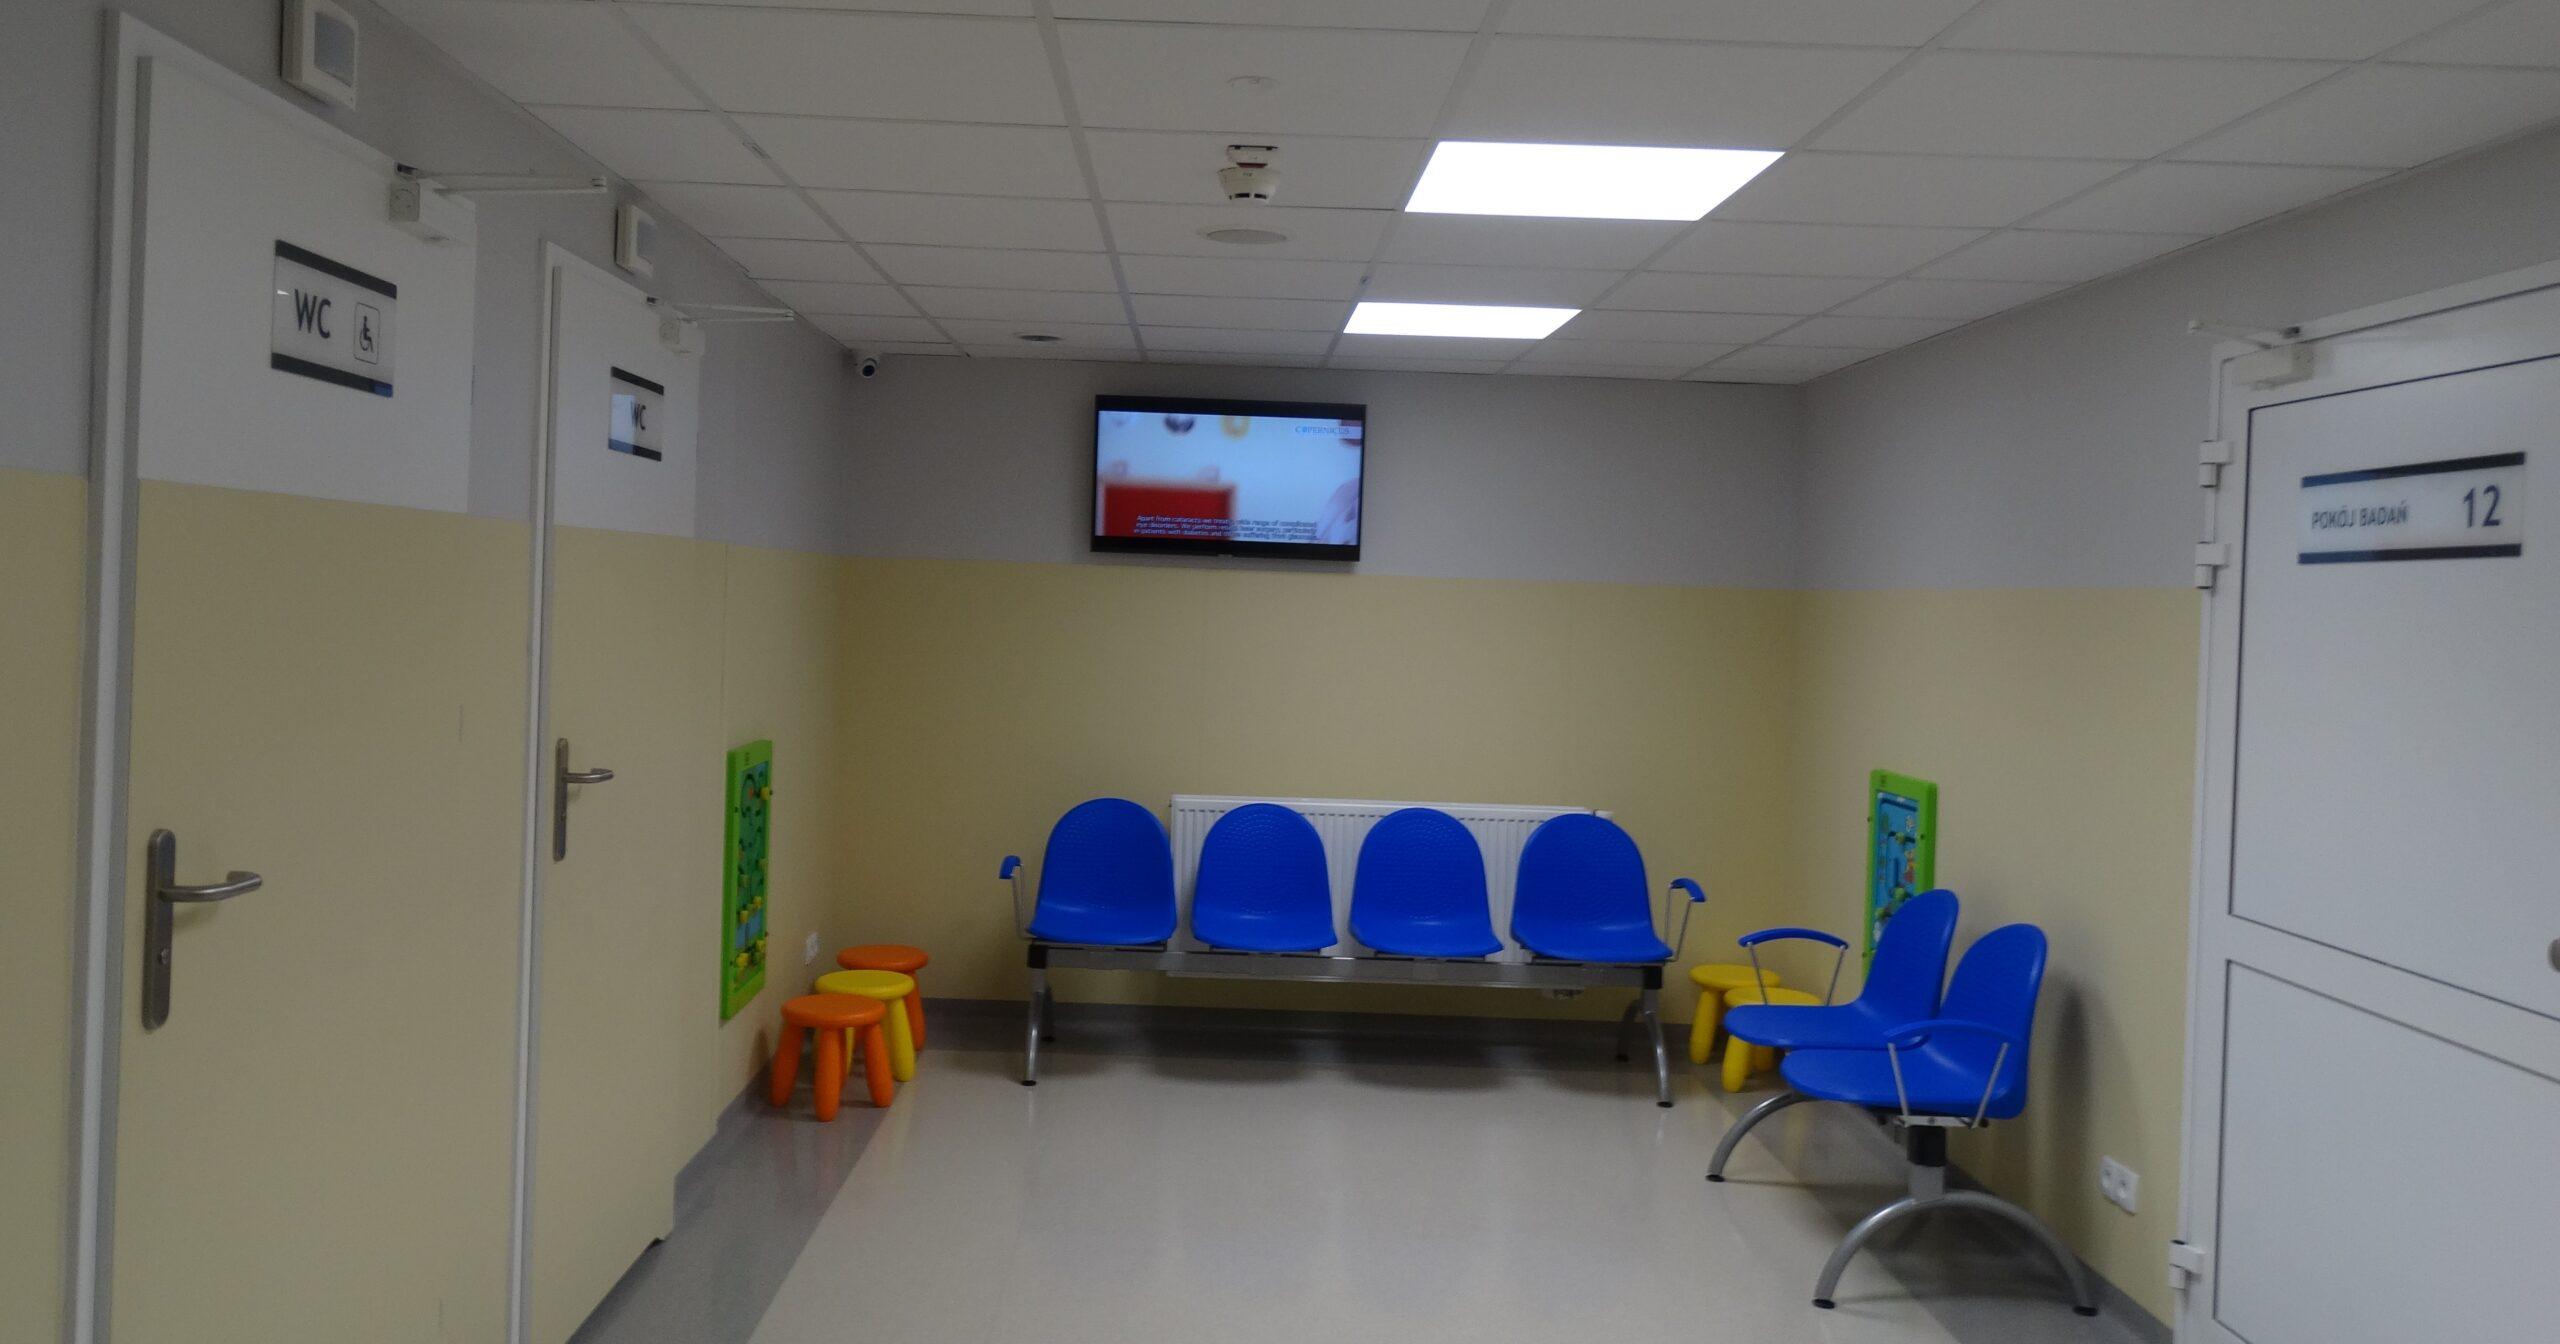 Aktualizacja. Oddziały dziecięce w szpitalu na Zaspie ponownie otwarte. Przyjęcia małych pacjentów wznowione / Zamknięty SOR dla dzieci…